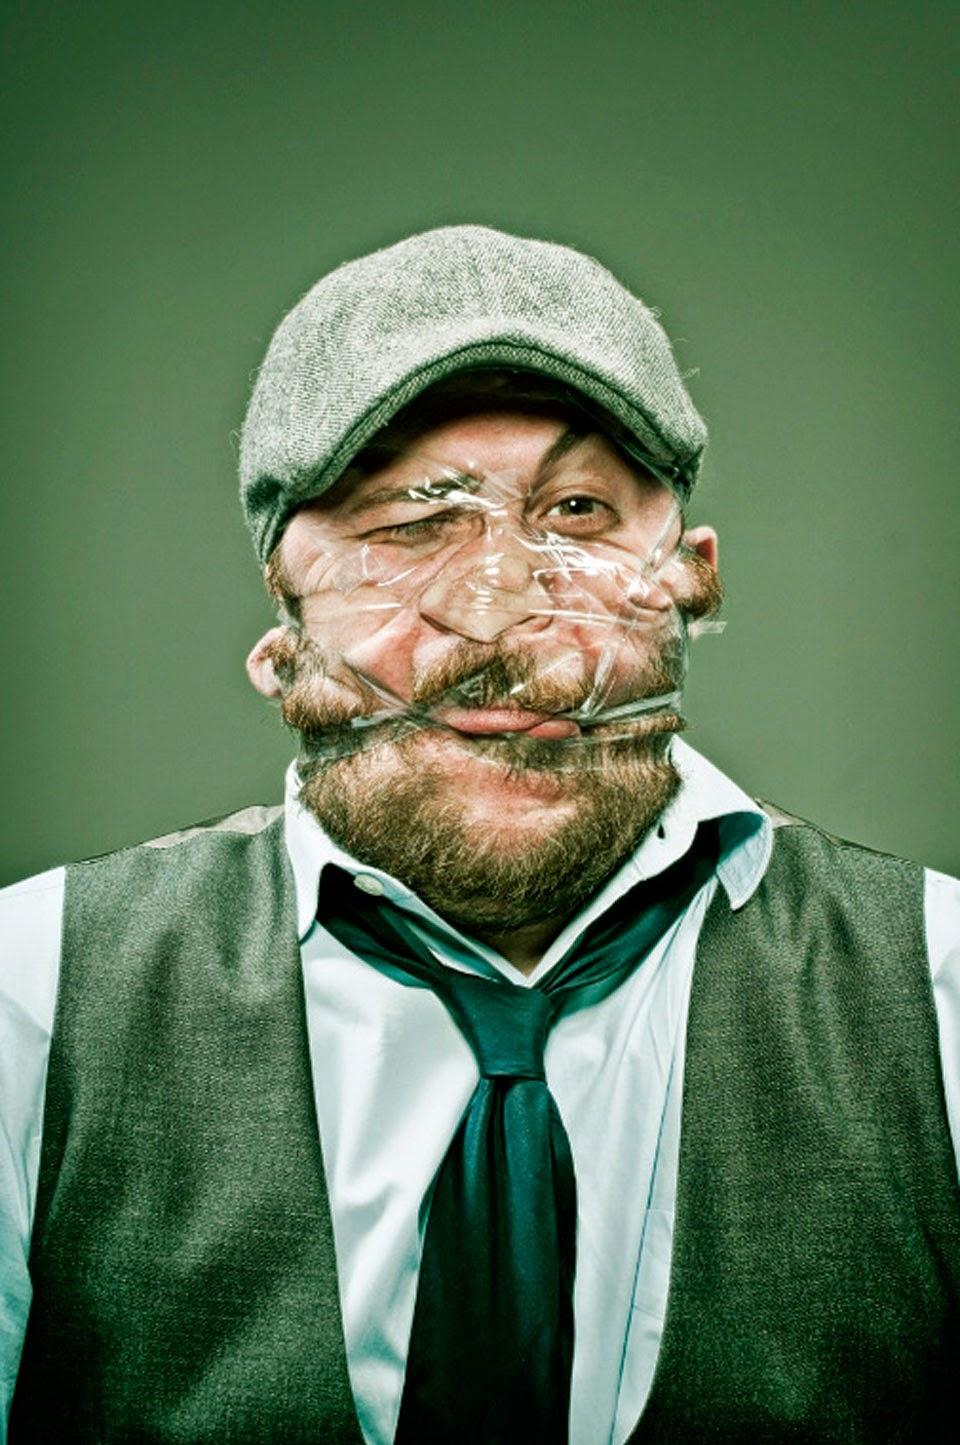 Scotch tape - Bộ ảnh độc đáo bởi nhiếp ảnh gia Wes Naman